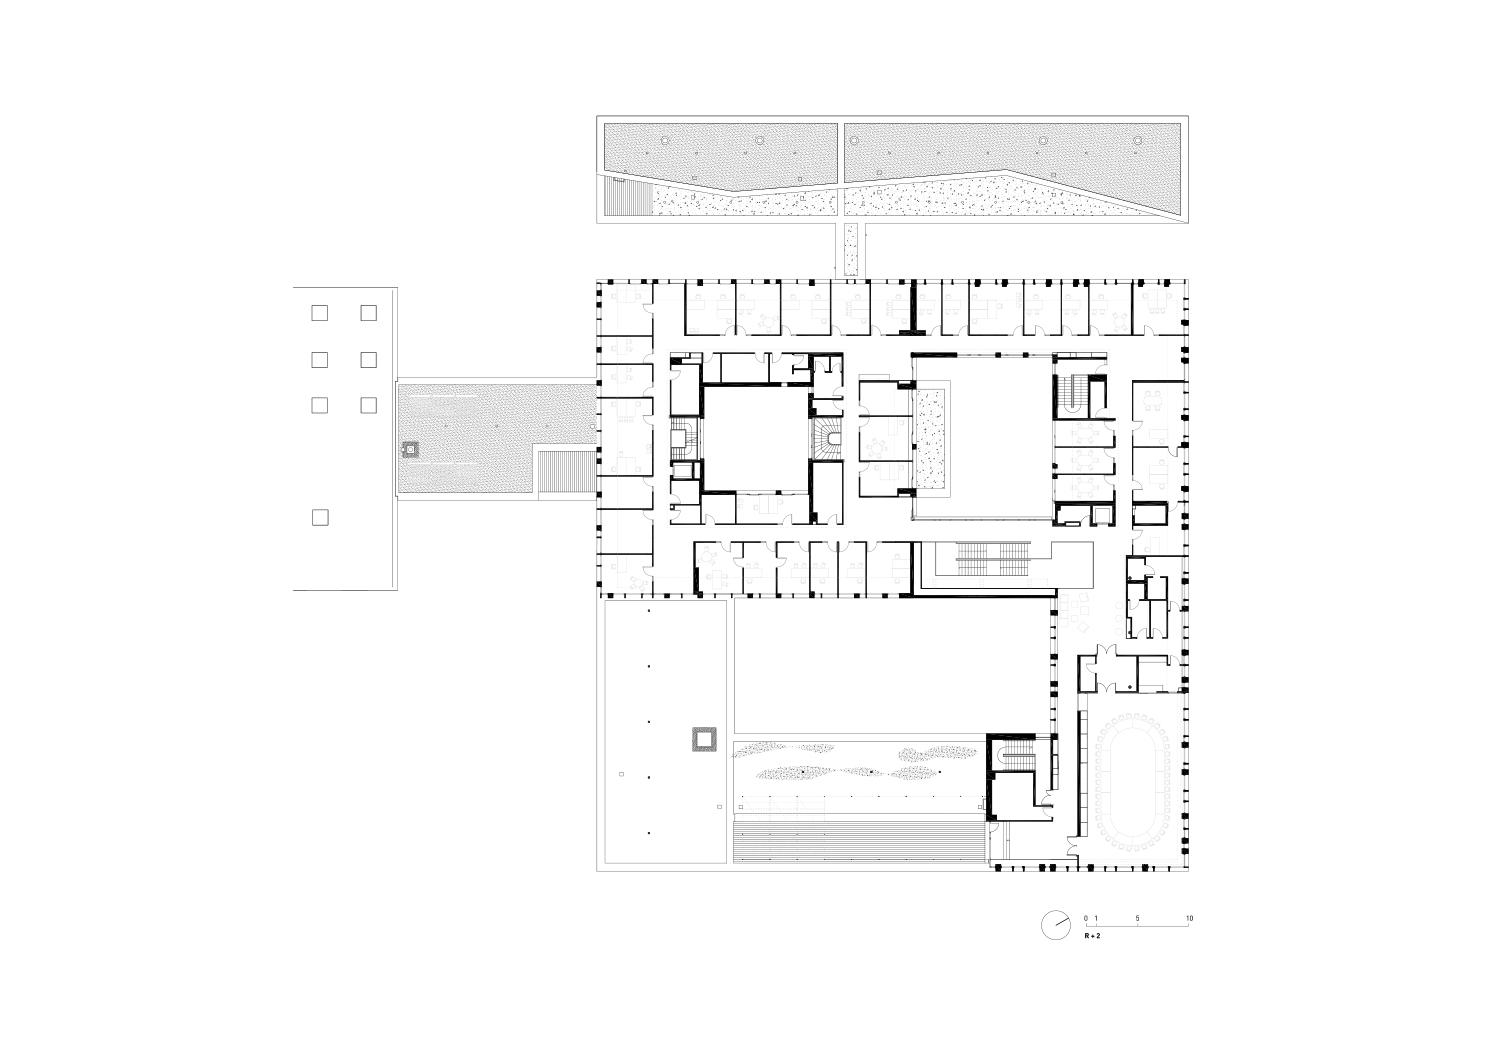 plan étage 2 Richter architectes et associés}